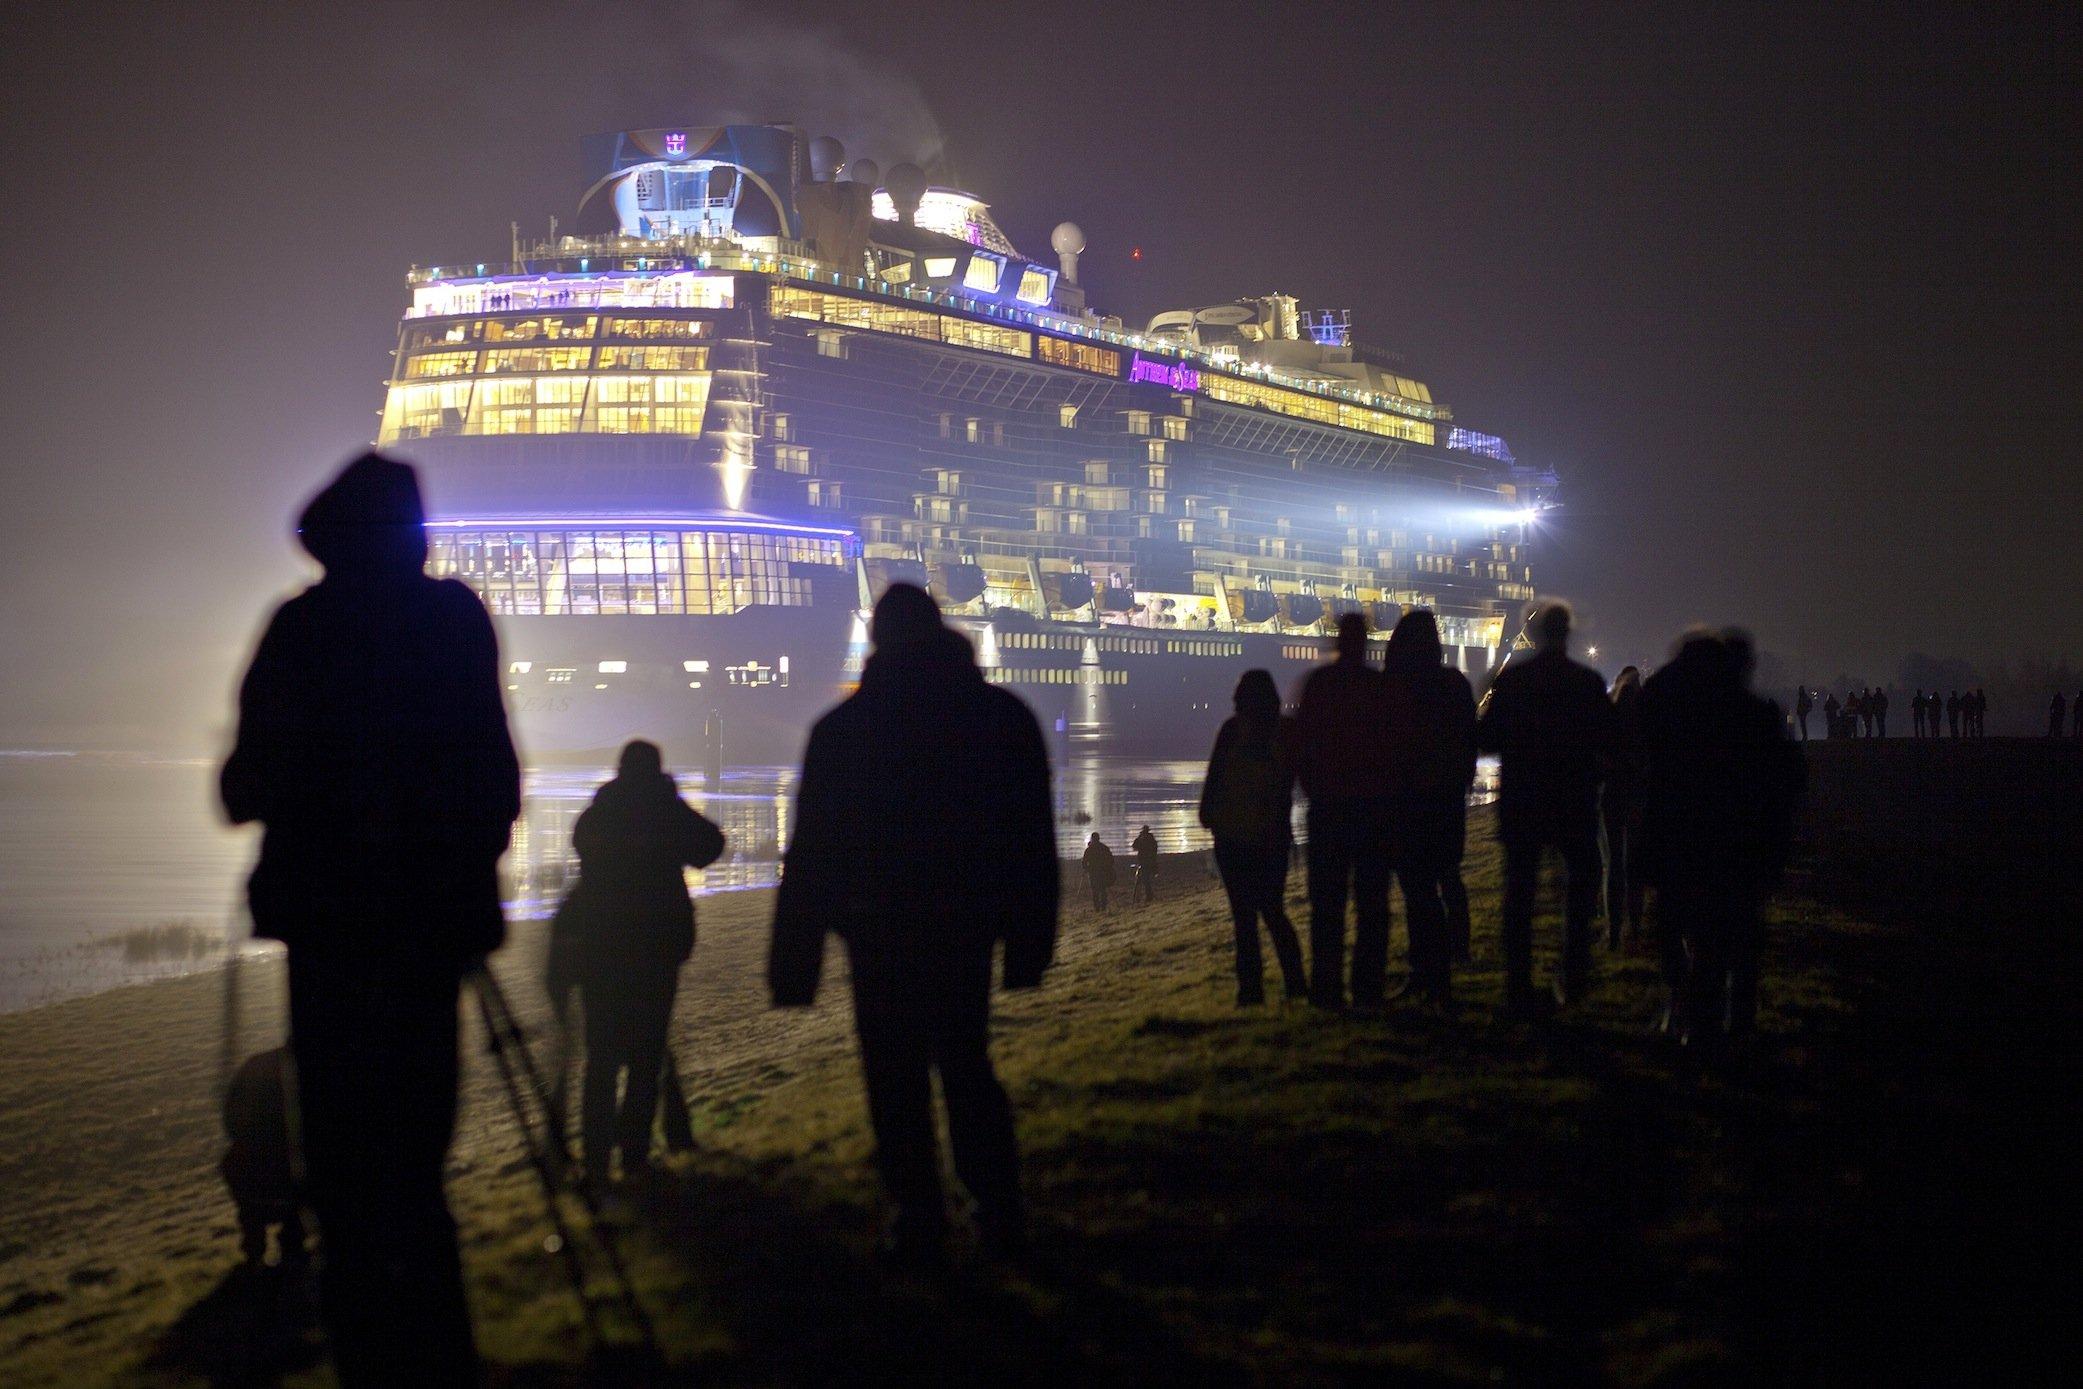 Schlecht schneidet auch die Anthem of the Seas ab: Das Kreuzfahrtschiff von Royal Caribean, das noch mehrere baugleiche Schwesterschiffe hat, fährt mit Schweröl, hat aber zumindest einen Abgaswäscher an Bord.